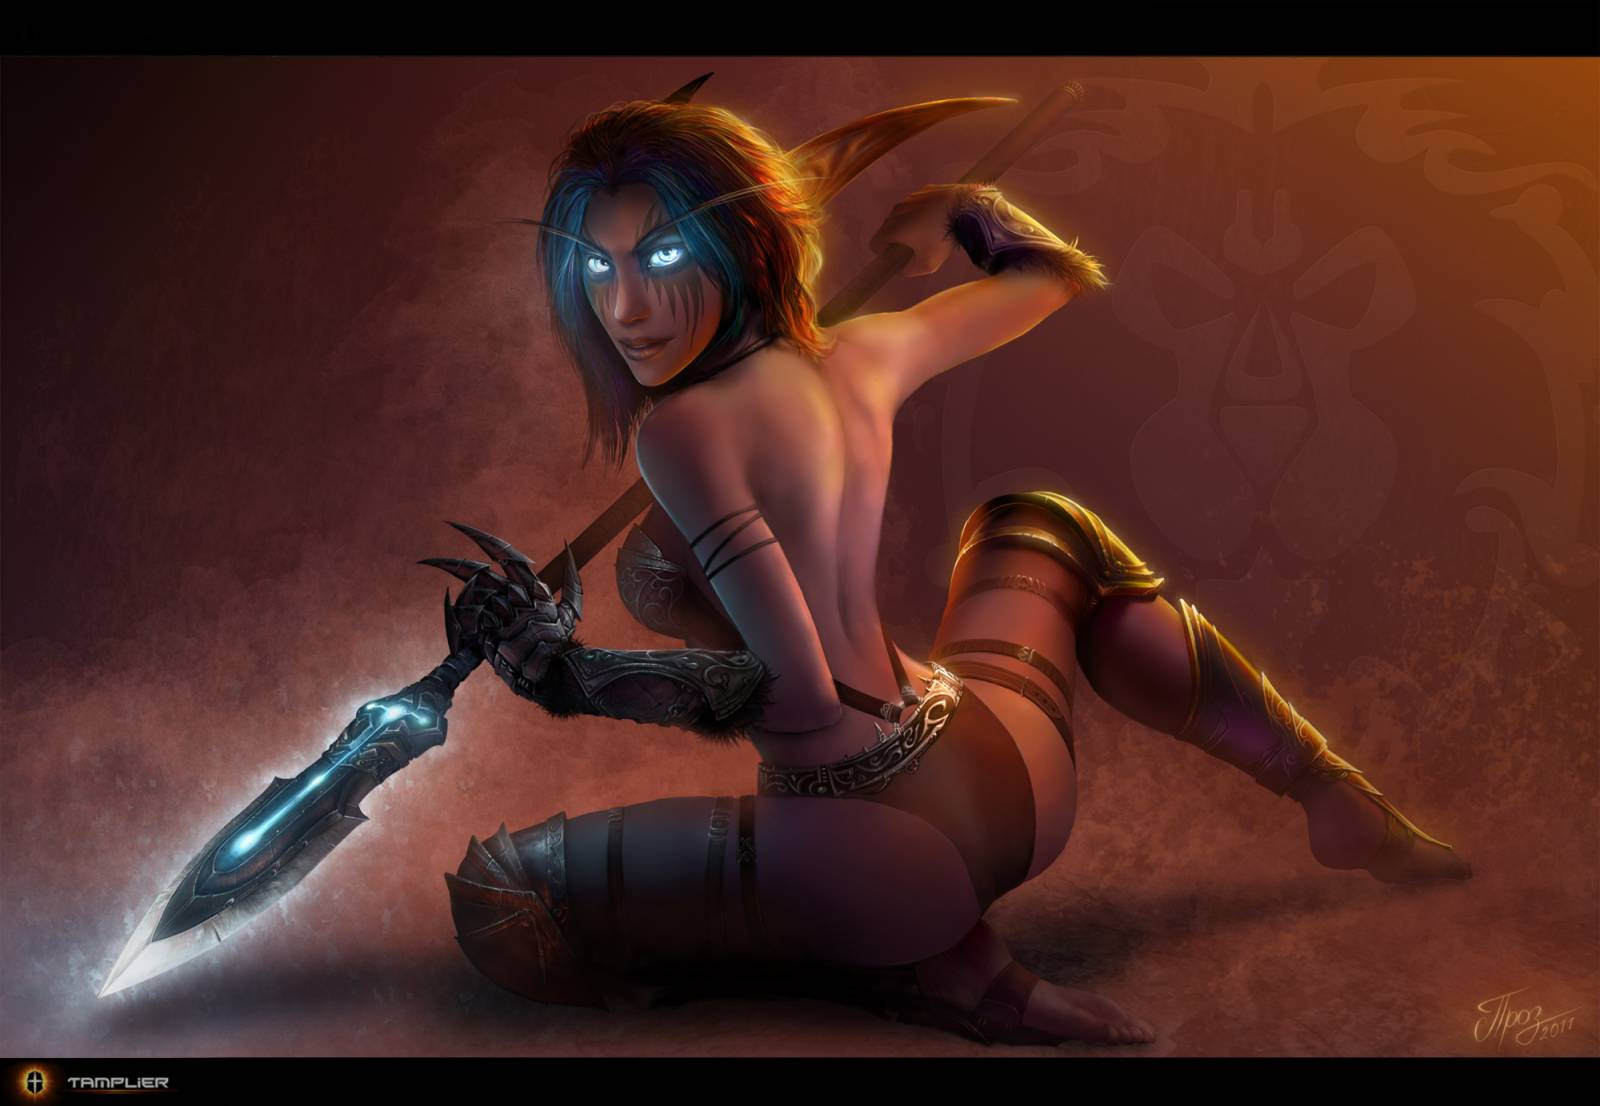 Human gnom elf elf female porno image